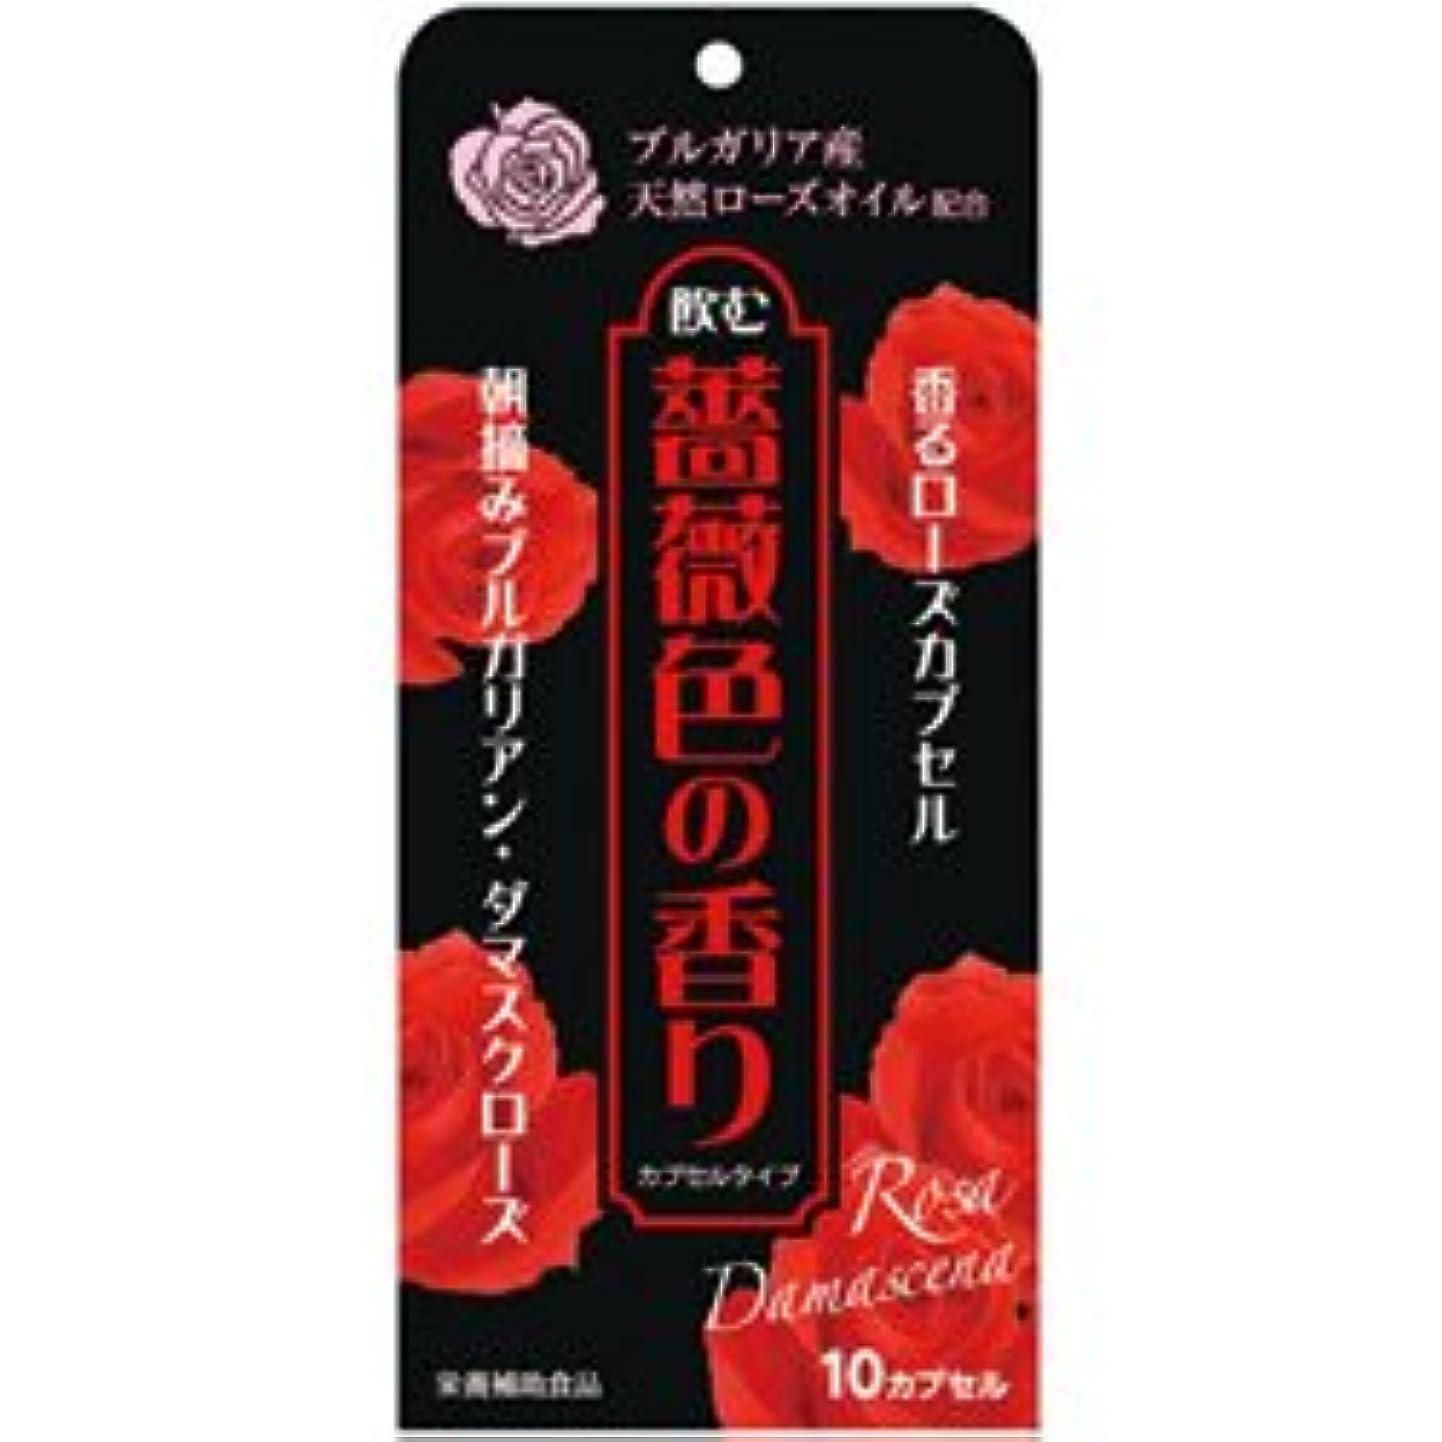 ほぼ拾うハンカチ【ウェルネスジャパン】飲む薔薇色の香り 10カプセル ×3個セット